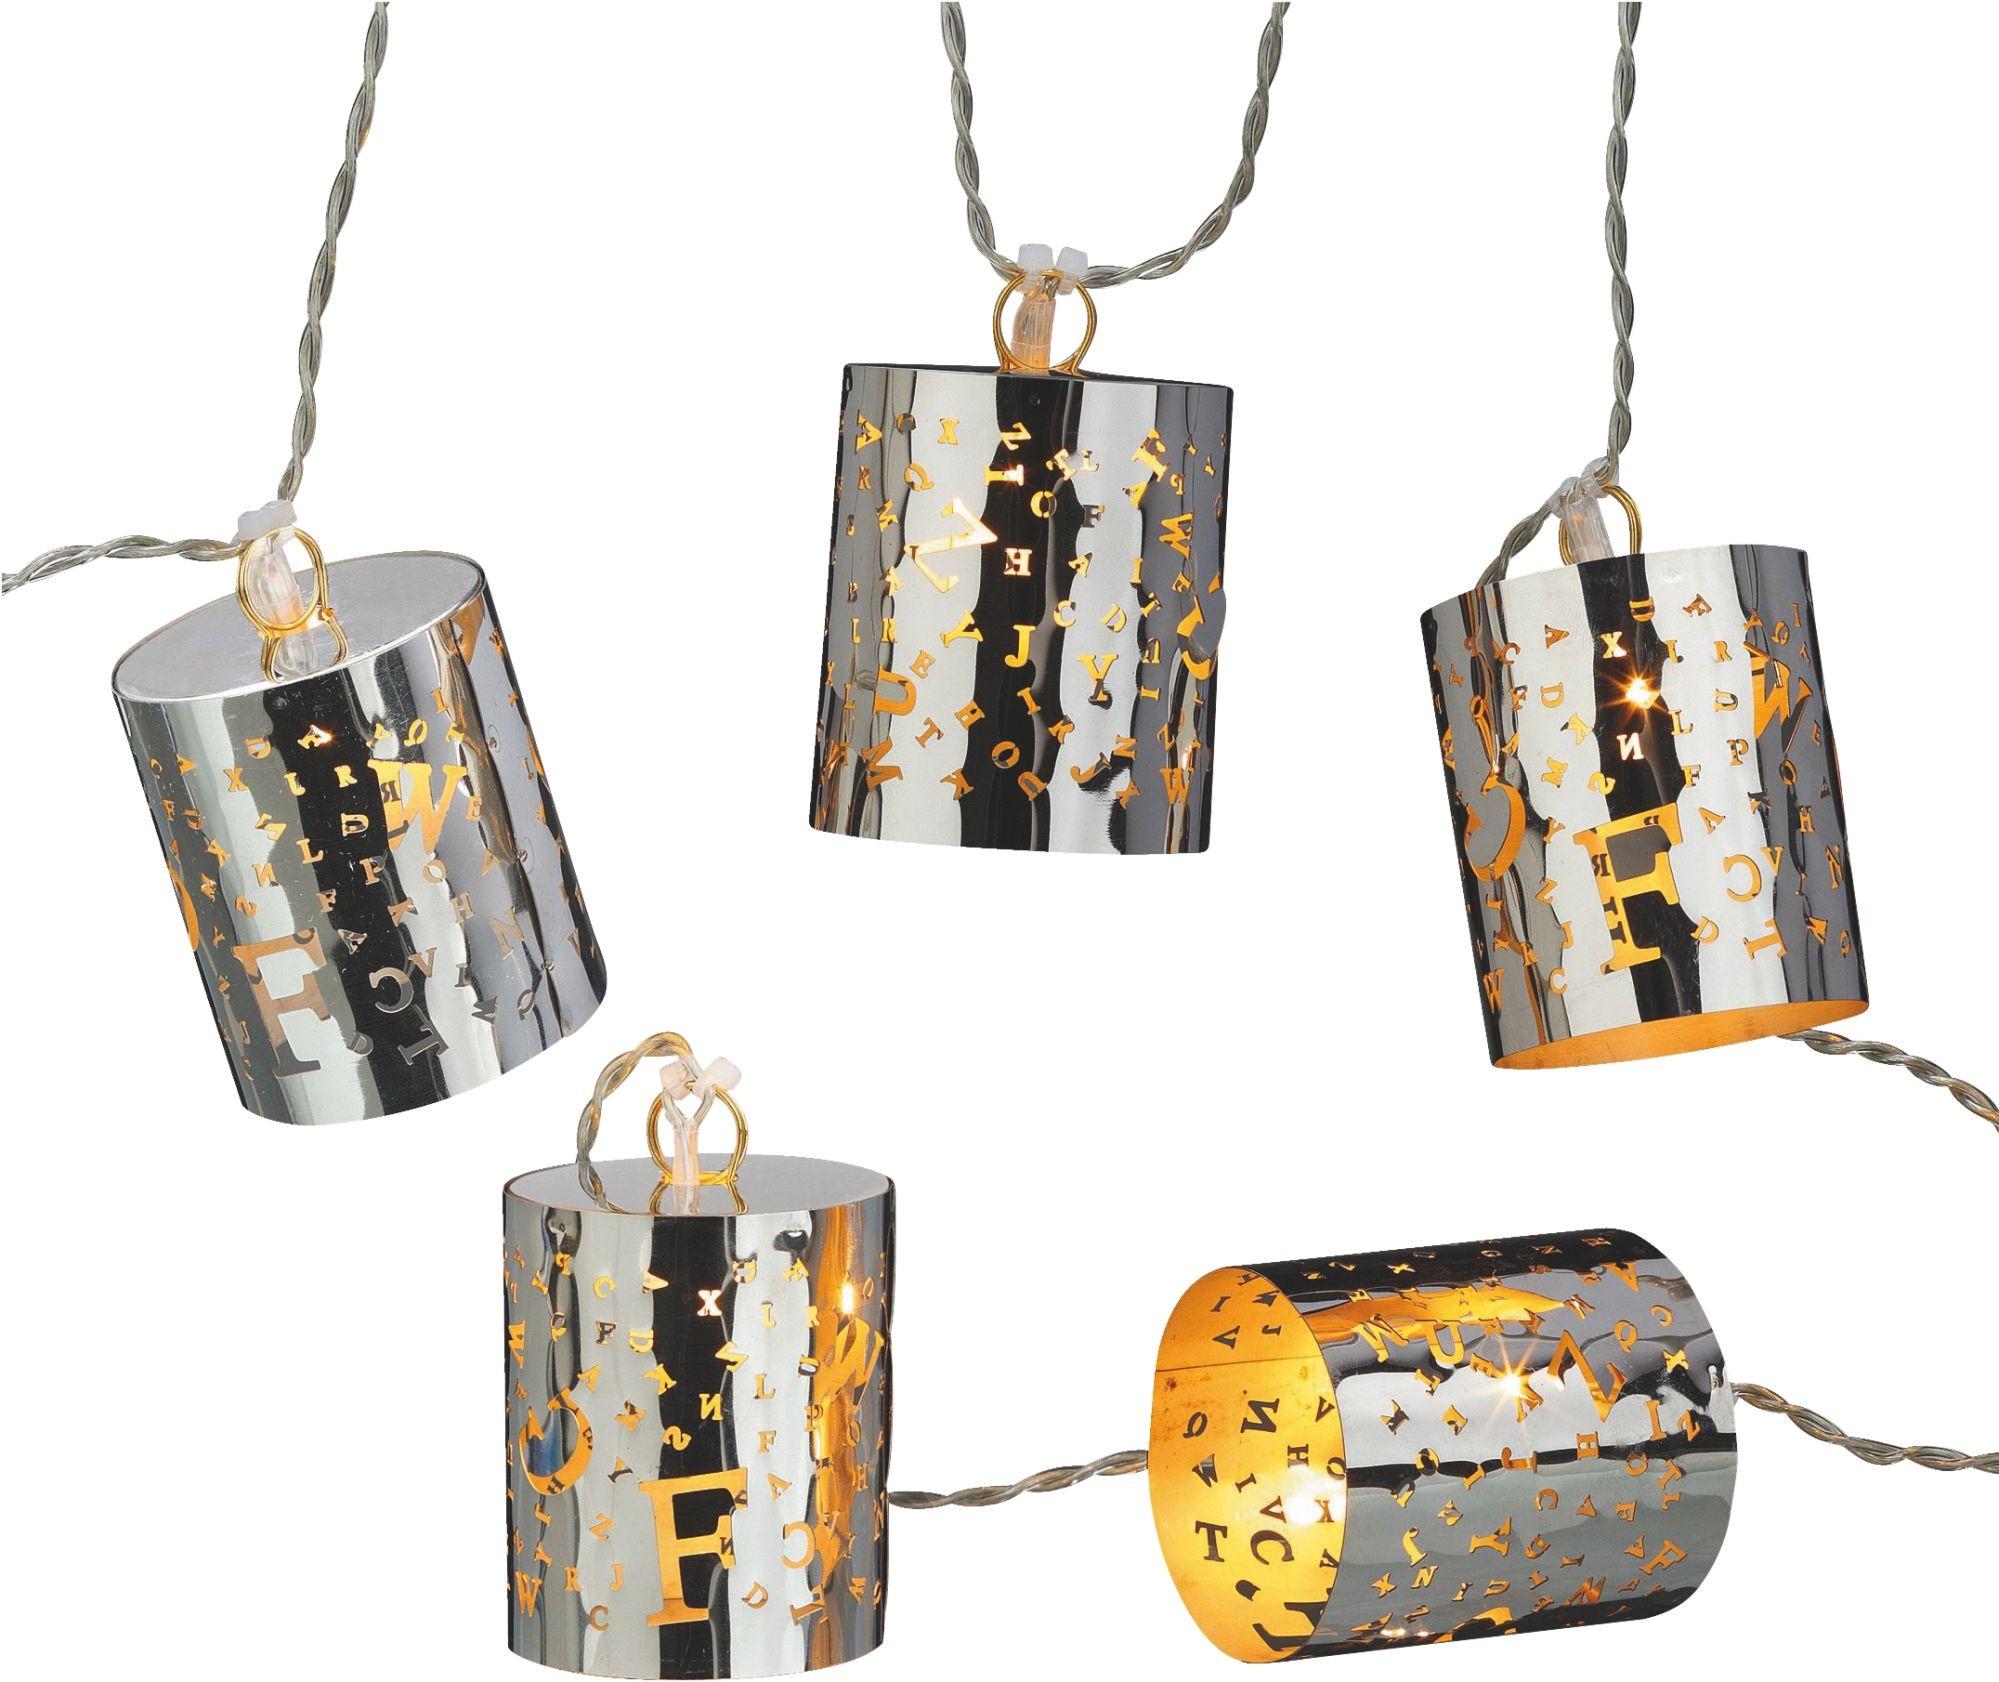 teamsix led lichterkette mit 6 metallzylindern und buchstaben aus metall hellum. Black Bedroom Furniture Sets. Home Design Ideas